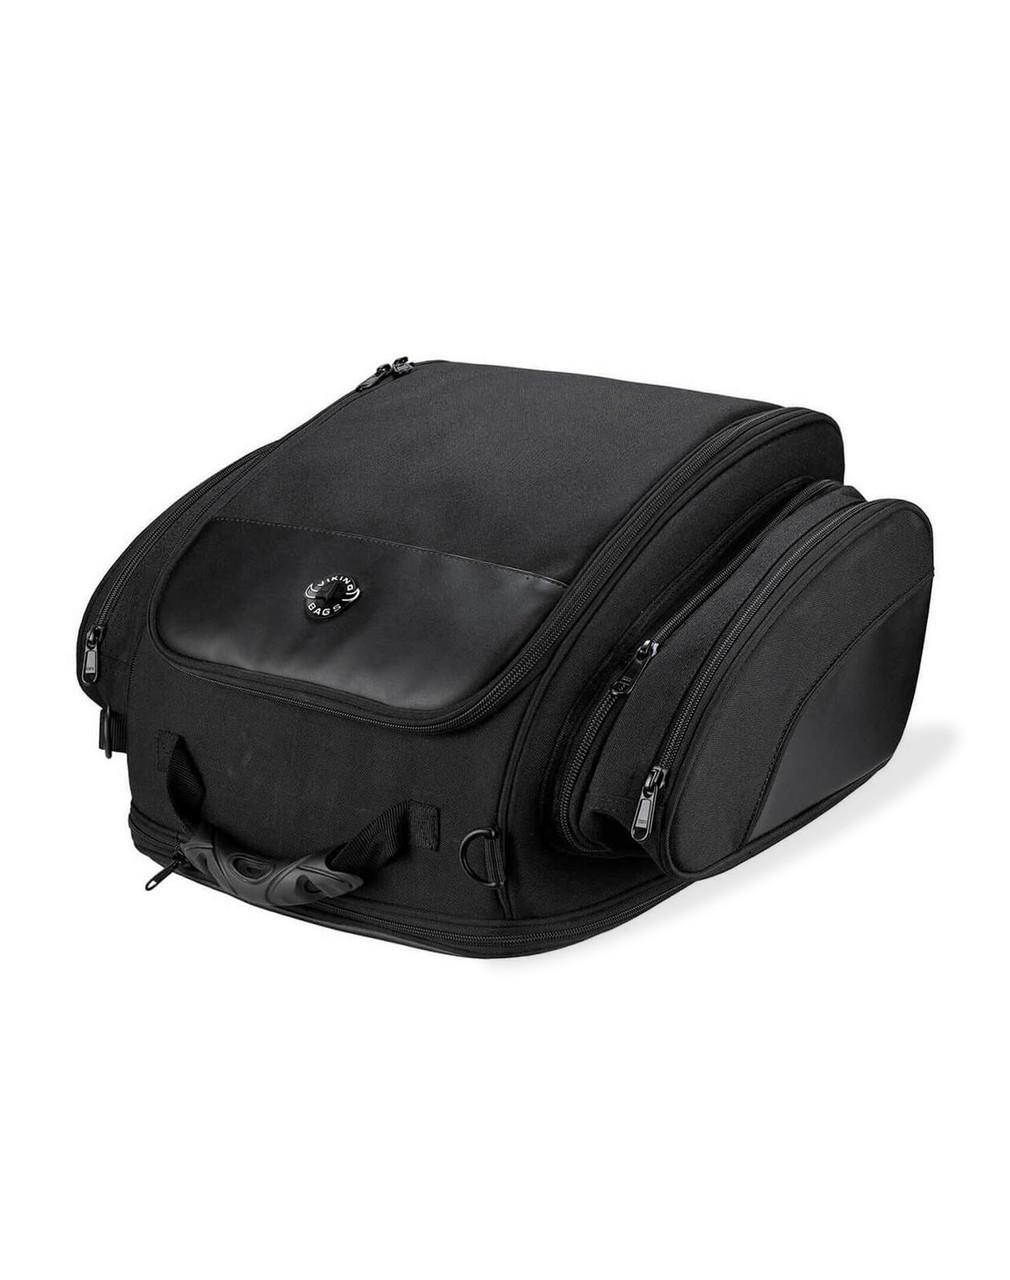 VikingBags Large Kawasaki Motorcycle Tail Bag Main Bag View